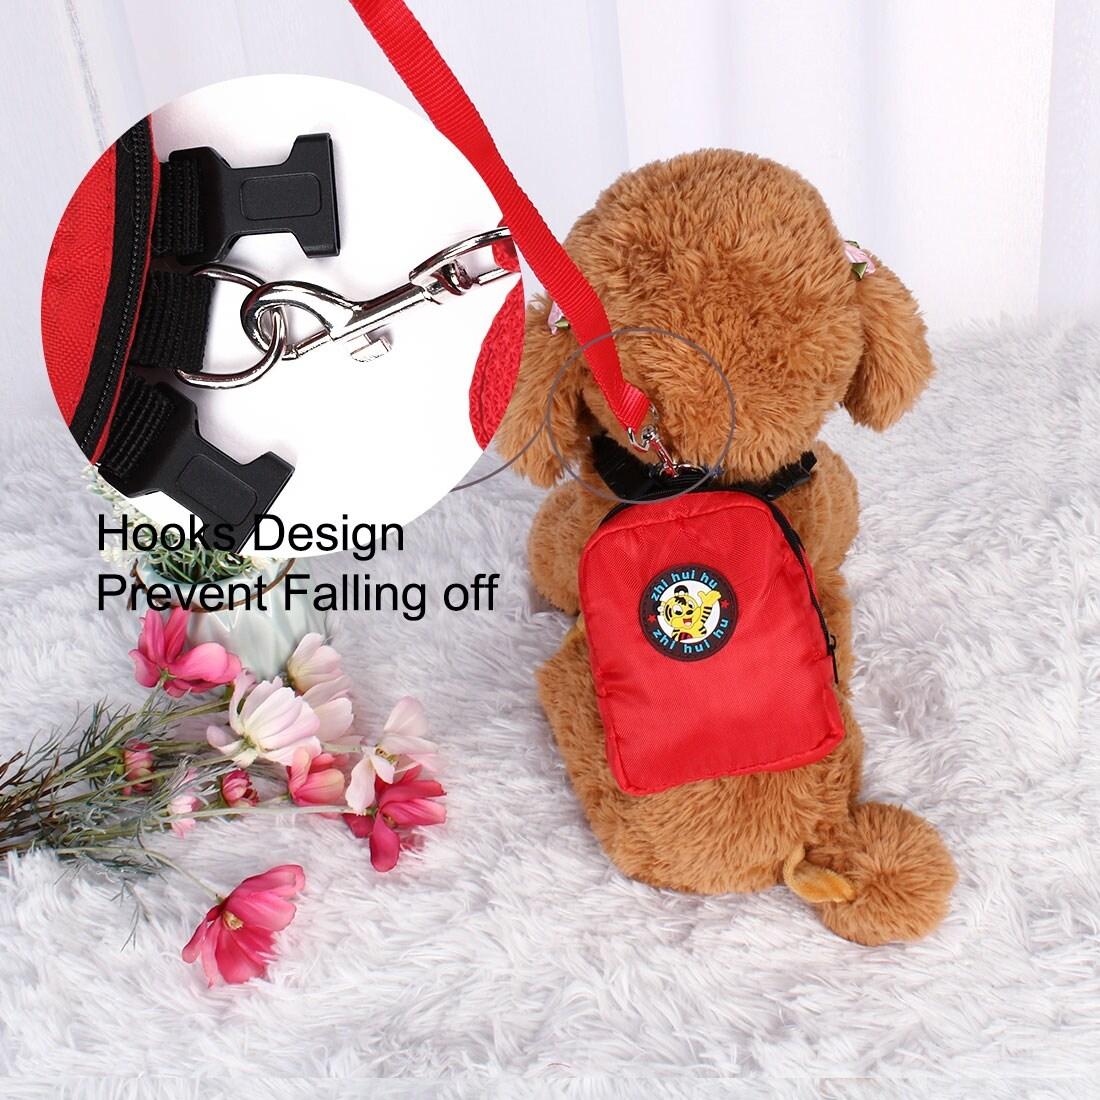 Dog Backpack Adjustable Straps Puppy Pet Carrier Holder Bag with Leash Rope (Blue - L)